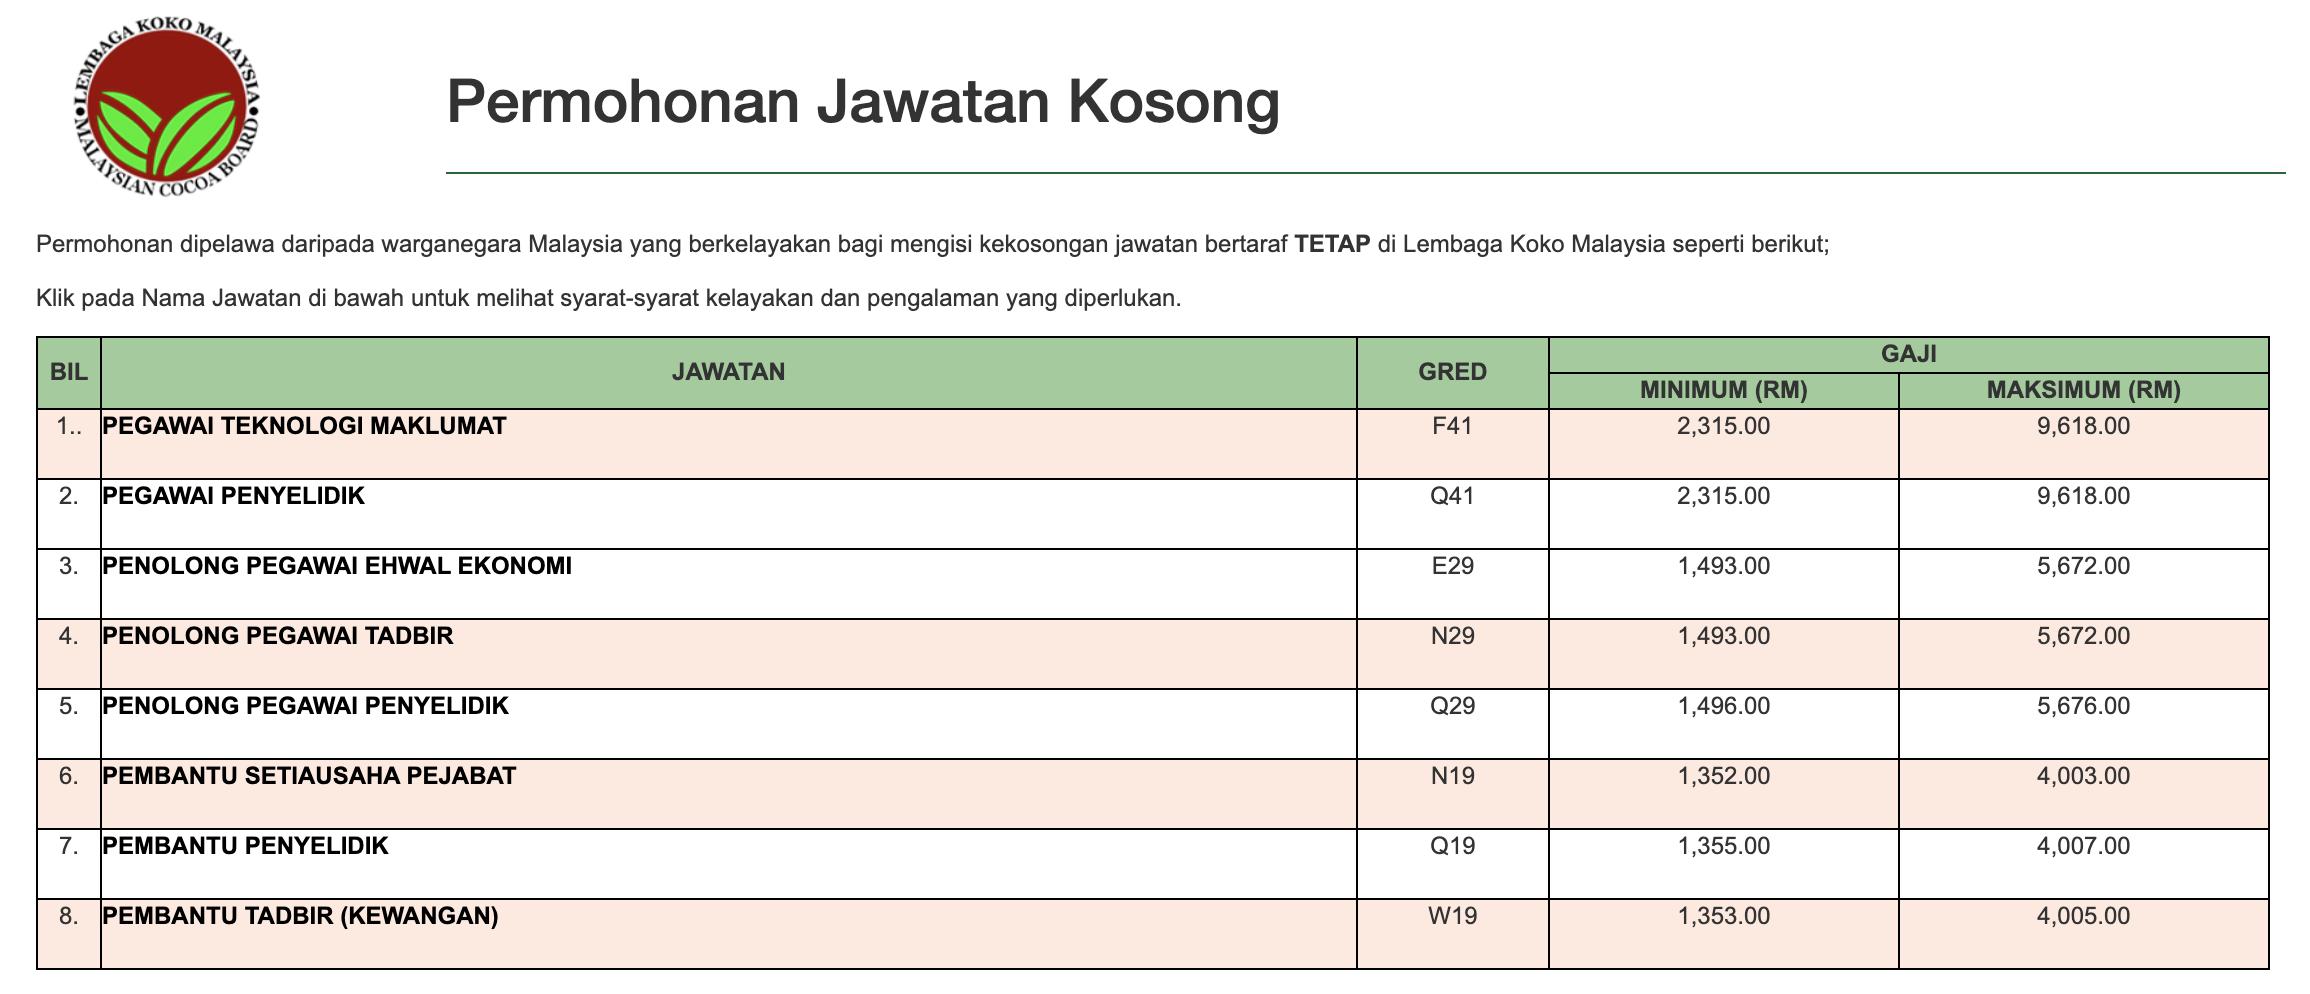 Jawatan Kosong Terkini Lembaga Koko Malaysia Pentadbiran Pengurusan Kerja Kosong Kerajaan Swasta